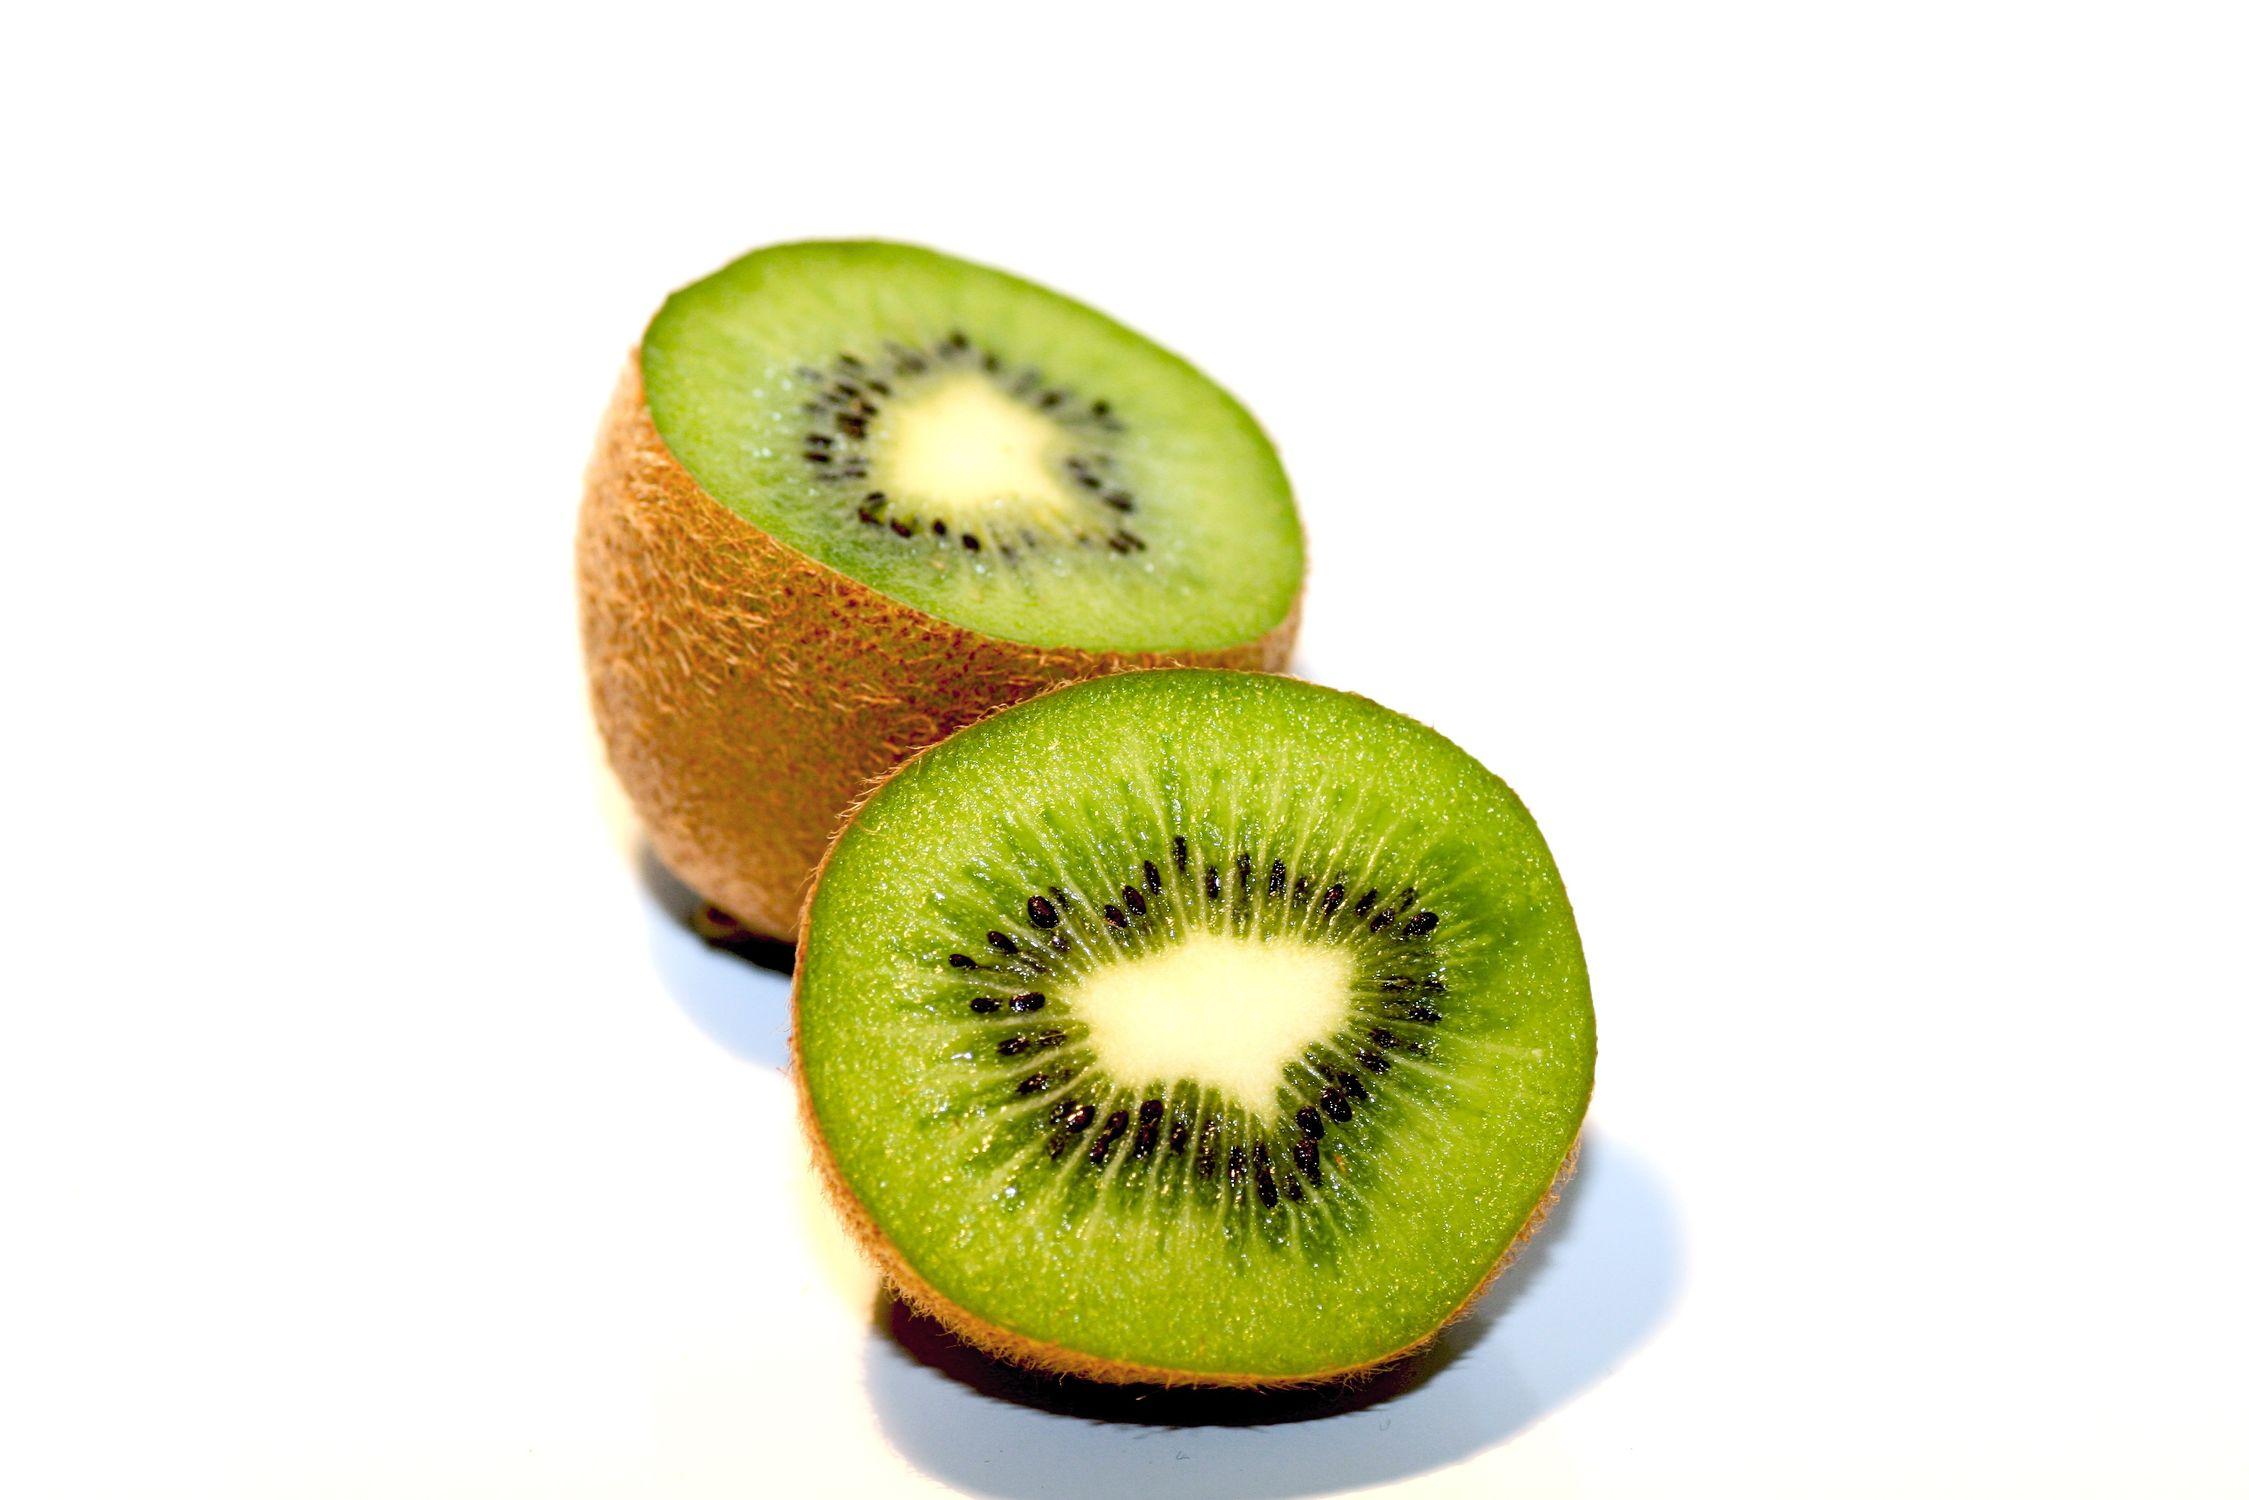 Bild mit Früchte, Lebensmittel, Essen, Frucht, Fruit, Fruits, Kiwi, Kiwies, Kiwifrucht, Kiwi vor weißem Hintergrund, Küchenbild